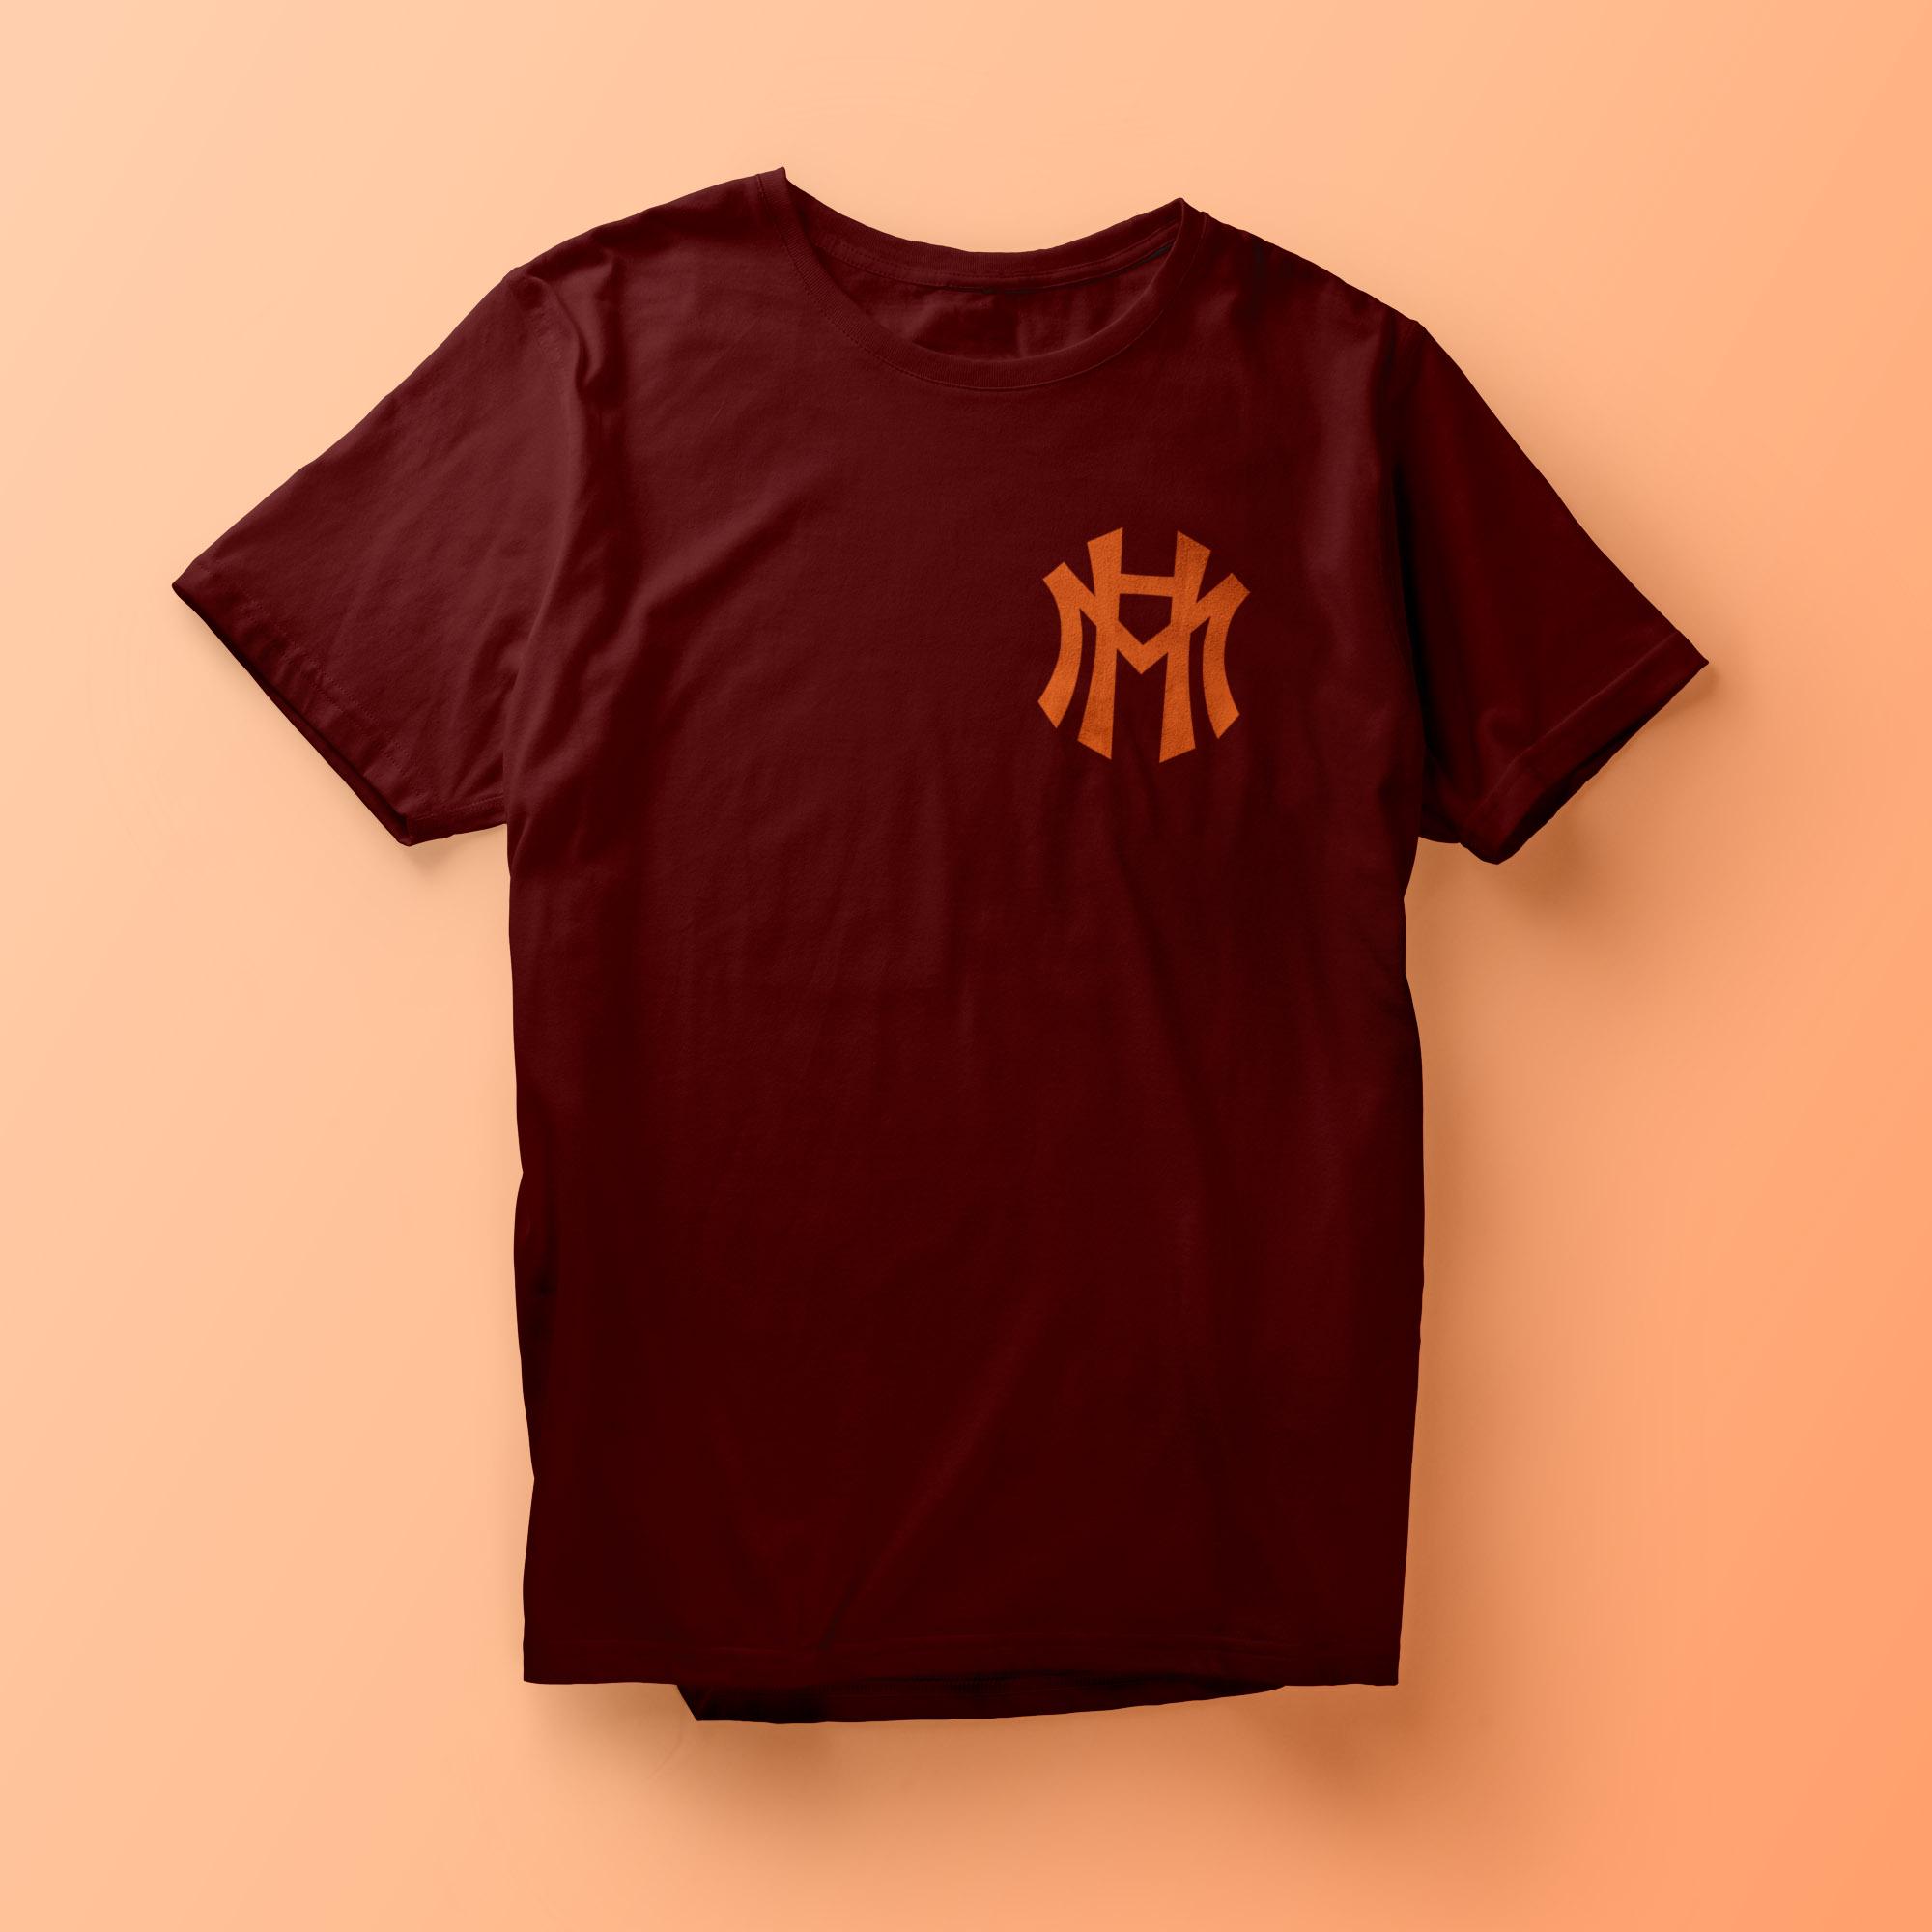 MHSC_Shirt1_Yankees.jpg